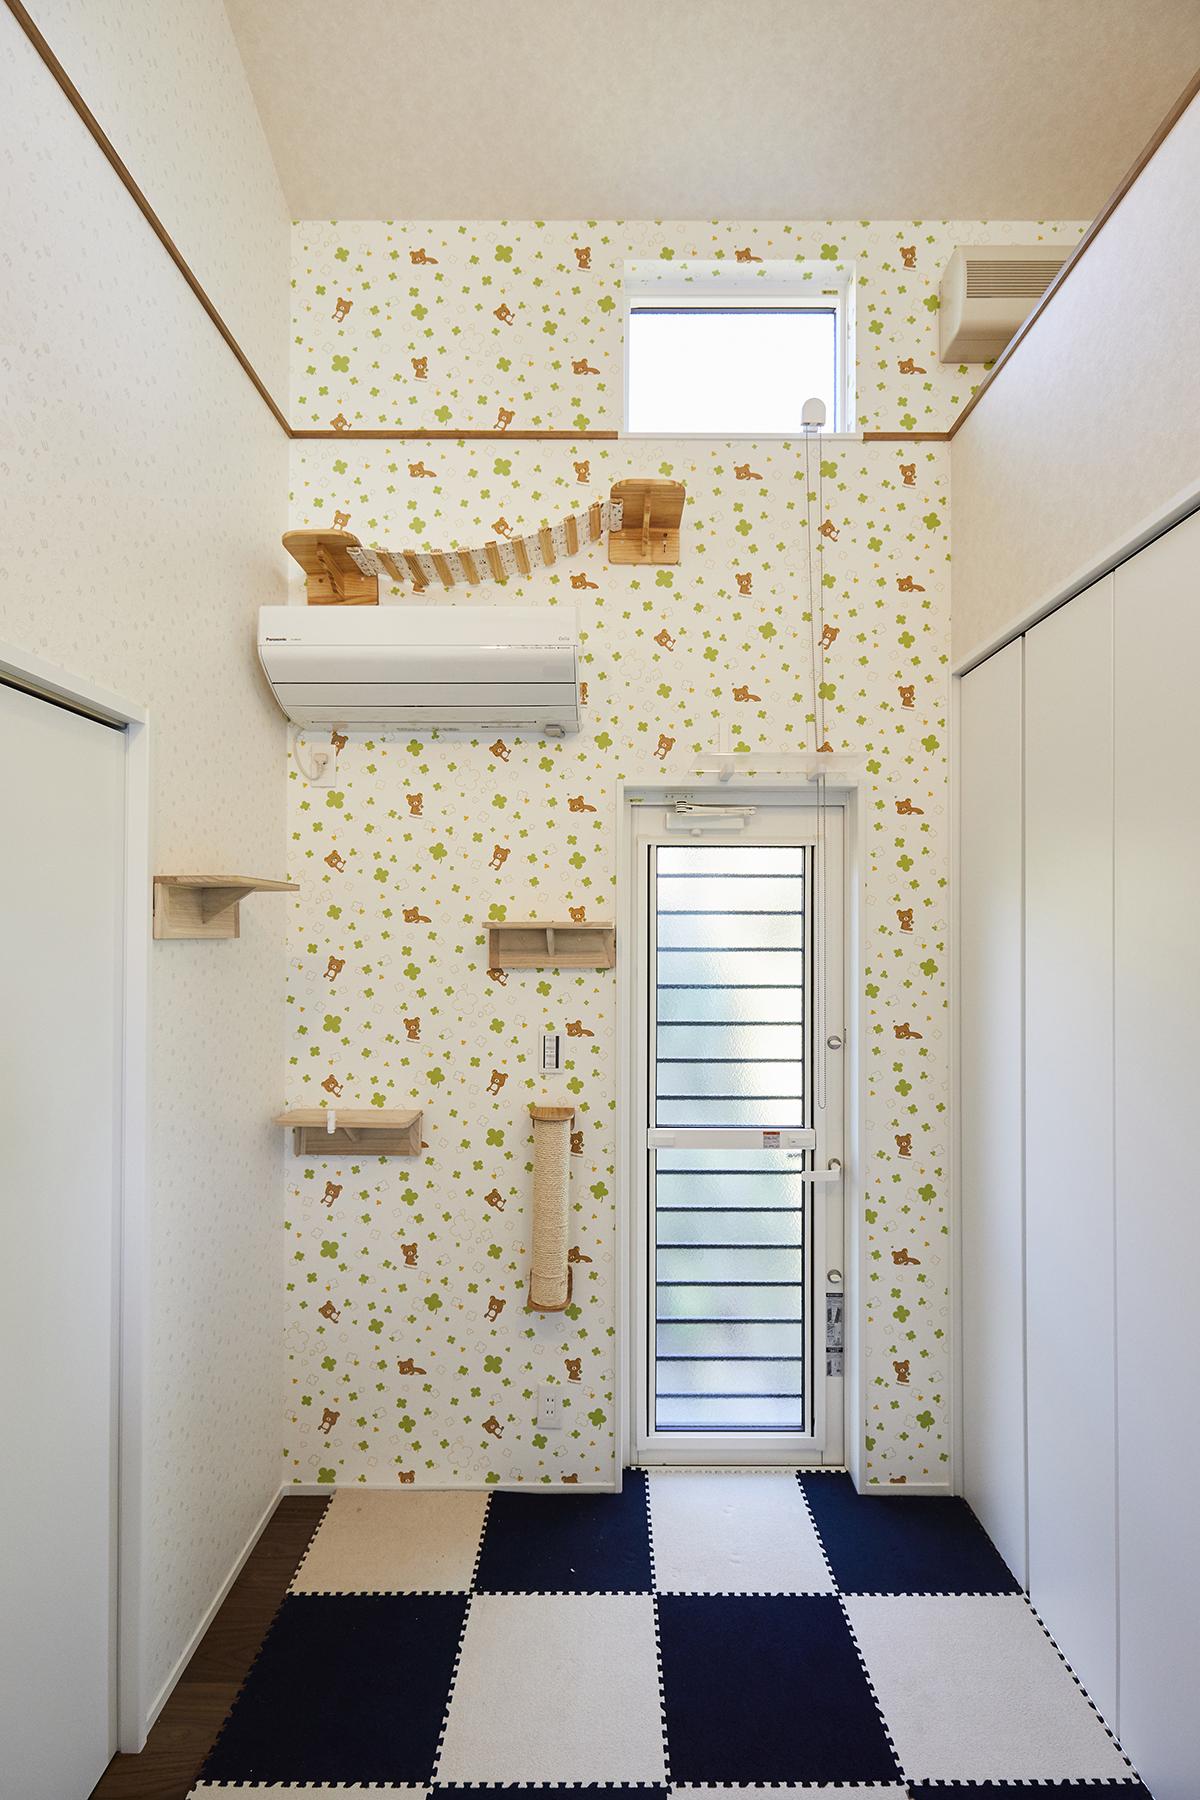 猫たちが広い空間で遊べるようにキャットウォークスペースを設置。